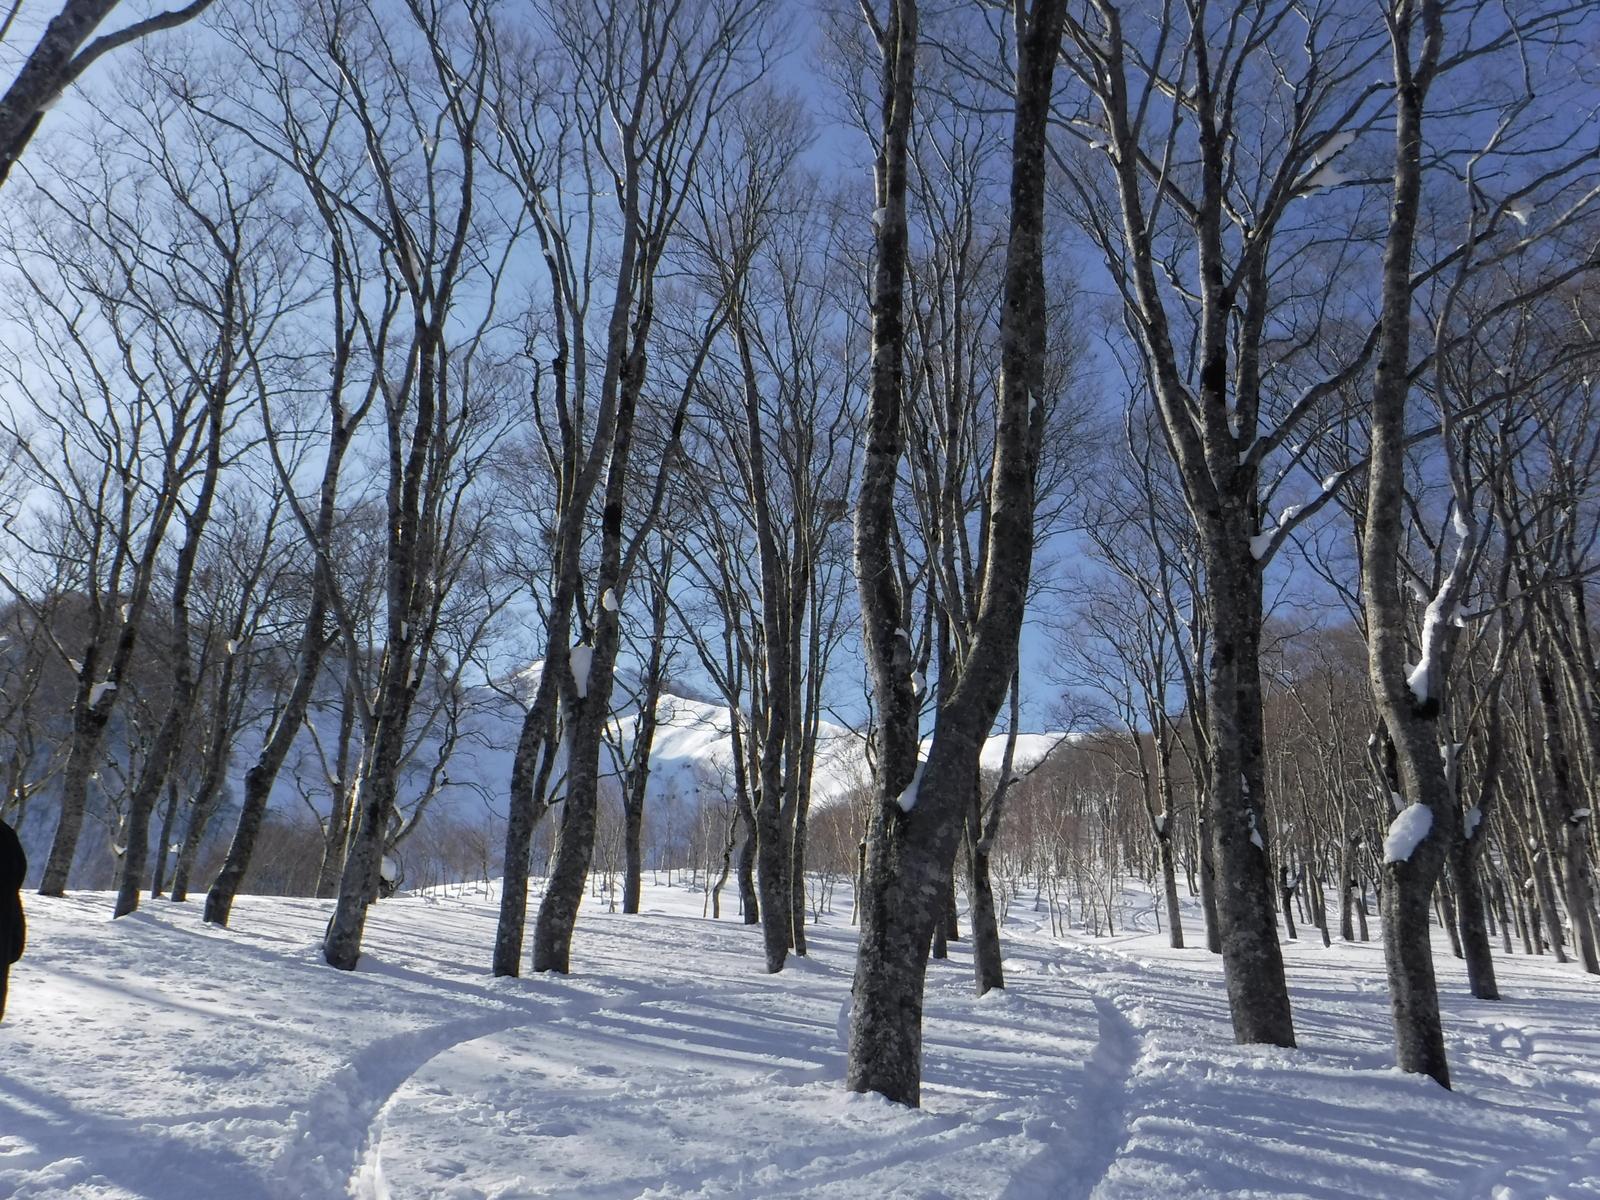 ブナ林に入ると、重い雪になってしまった。